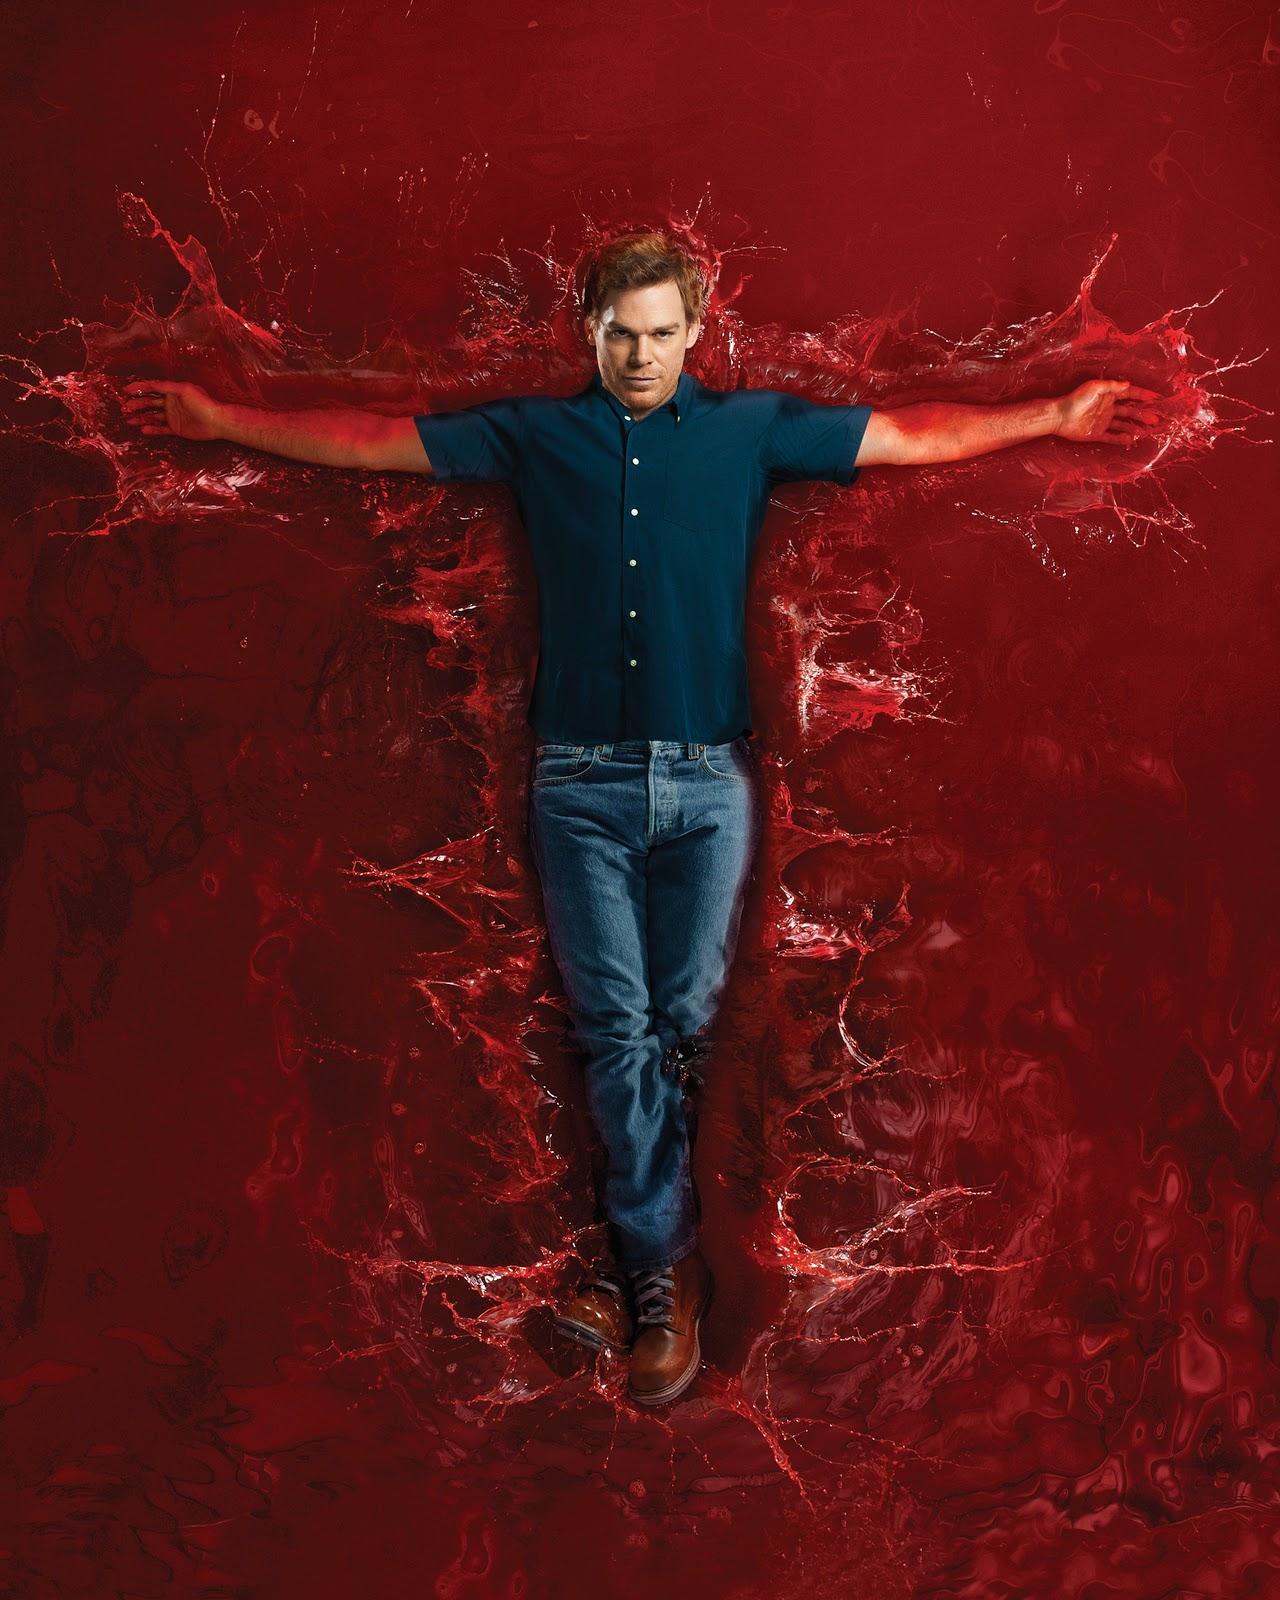 dexter blood splatter poster - photo #18